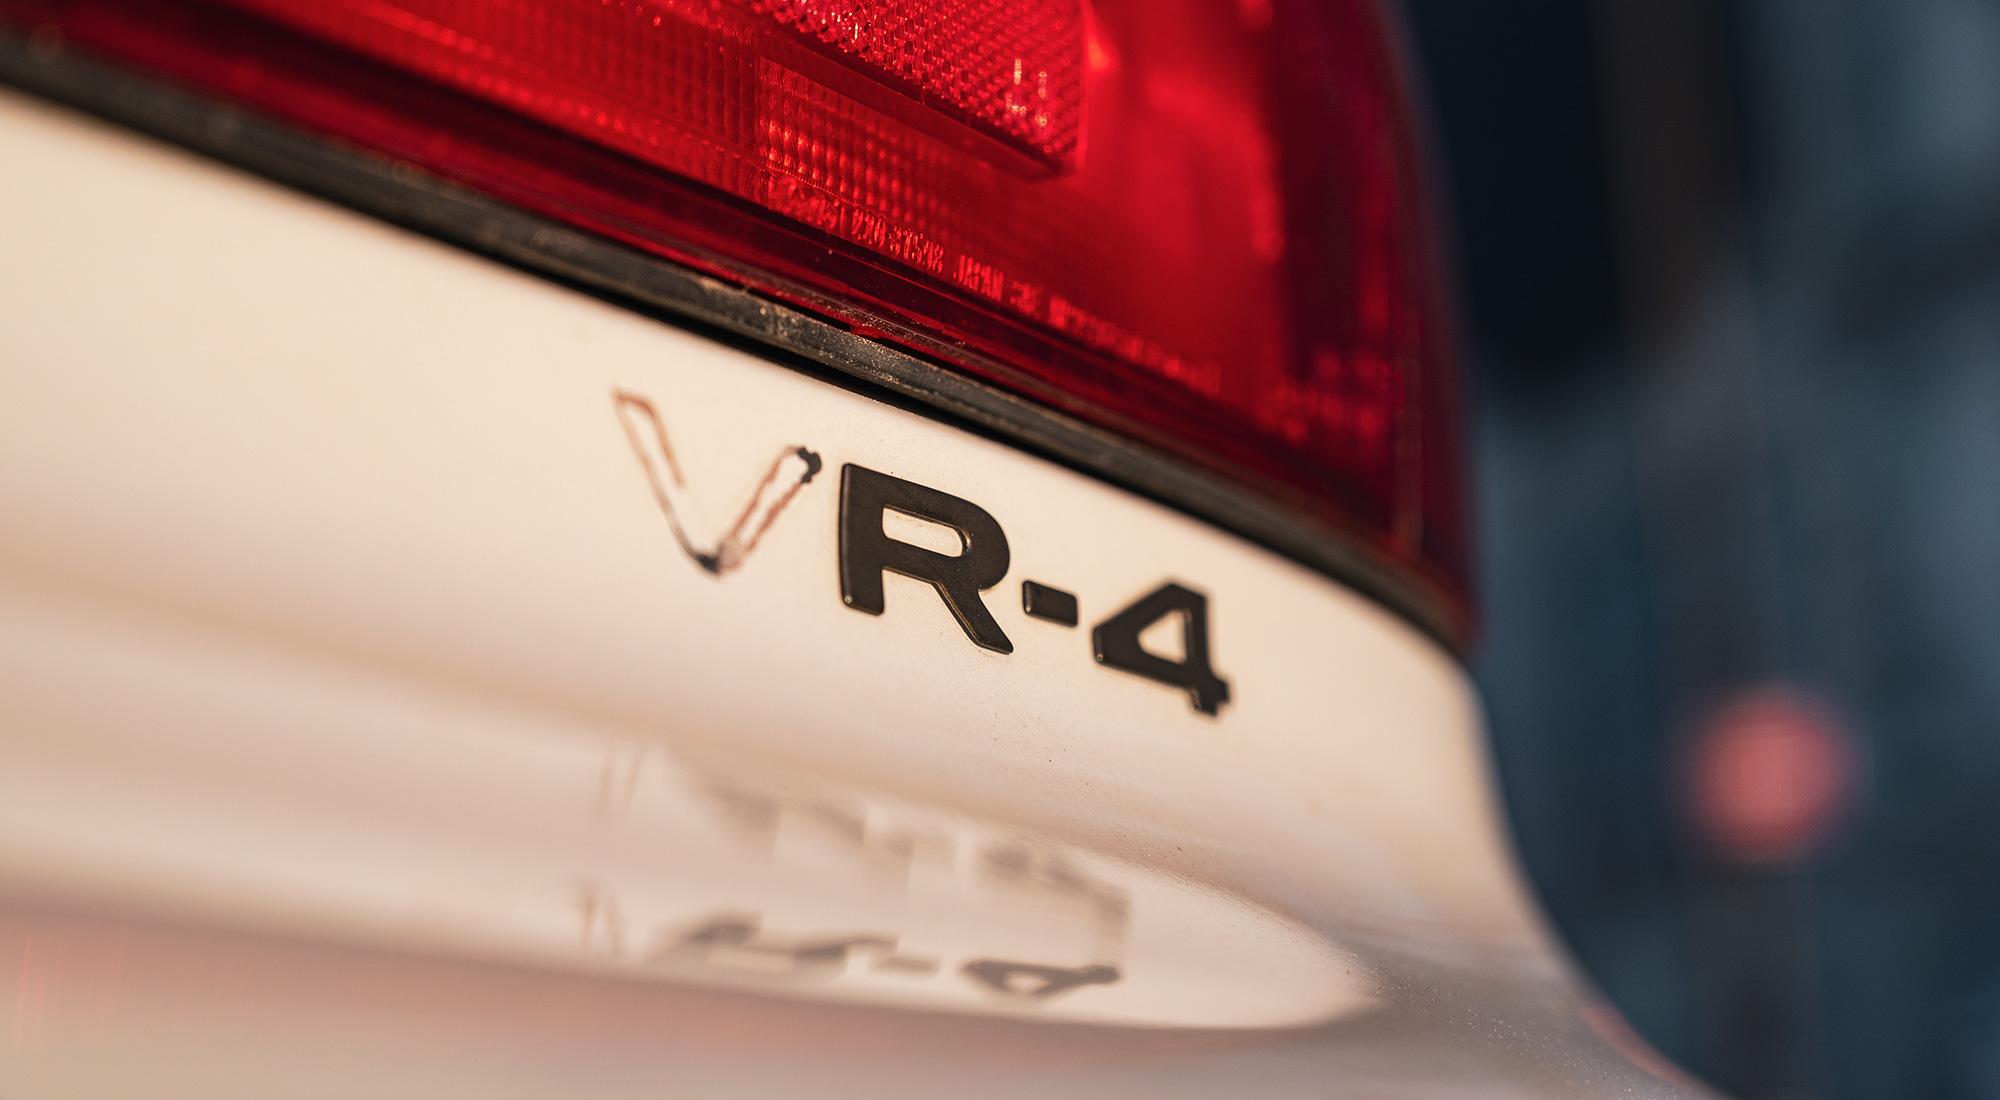 3000GT vr-4 badge